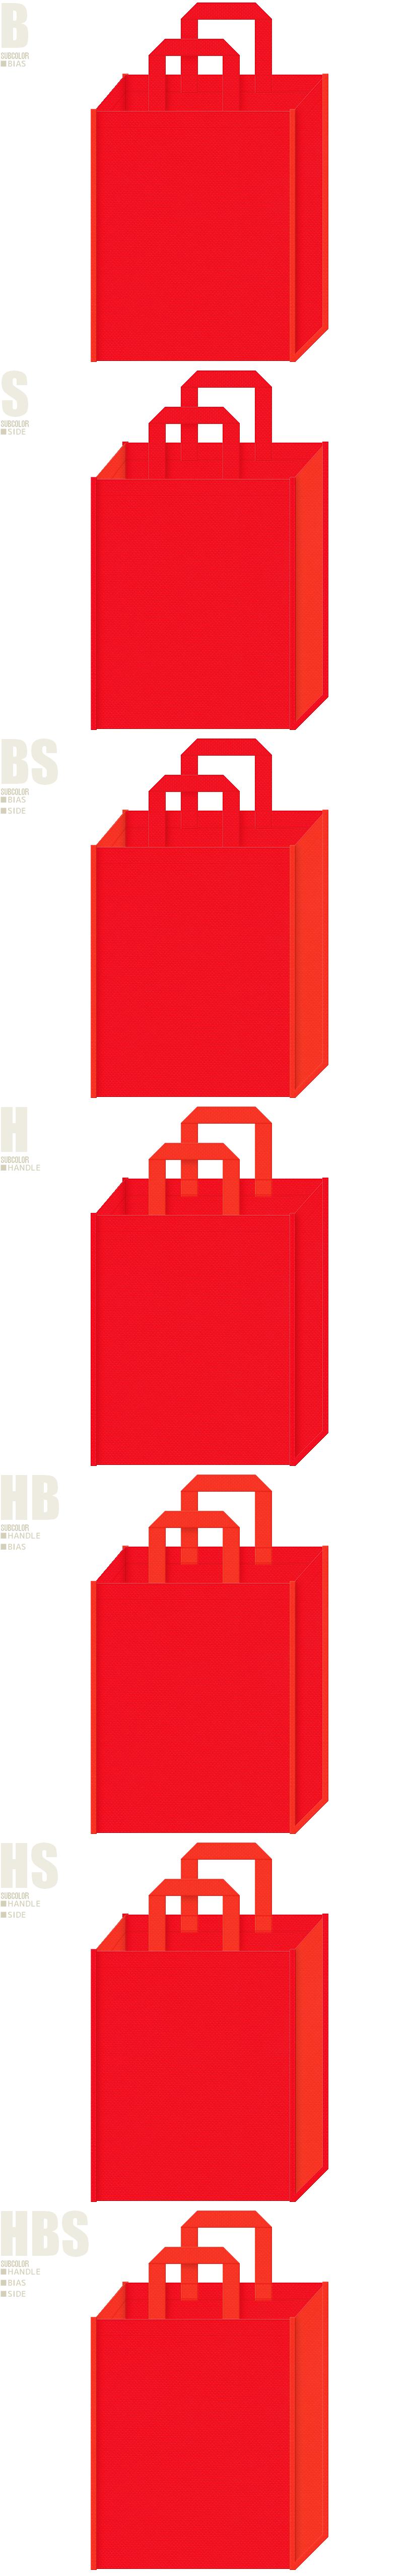 タバスコ・ラー油・激辛・サプリメント・太陽・エネルギー・暖房器具・スポーツ・キャンプ・バーベキュー・アウトドア・紅葉・秋のイベント・観光にお奨めの不織布バッグデザイン:赤色とオレンジ色の配色7パターン